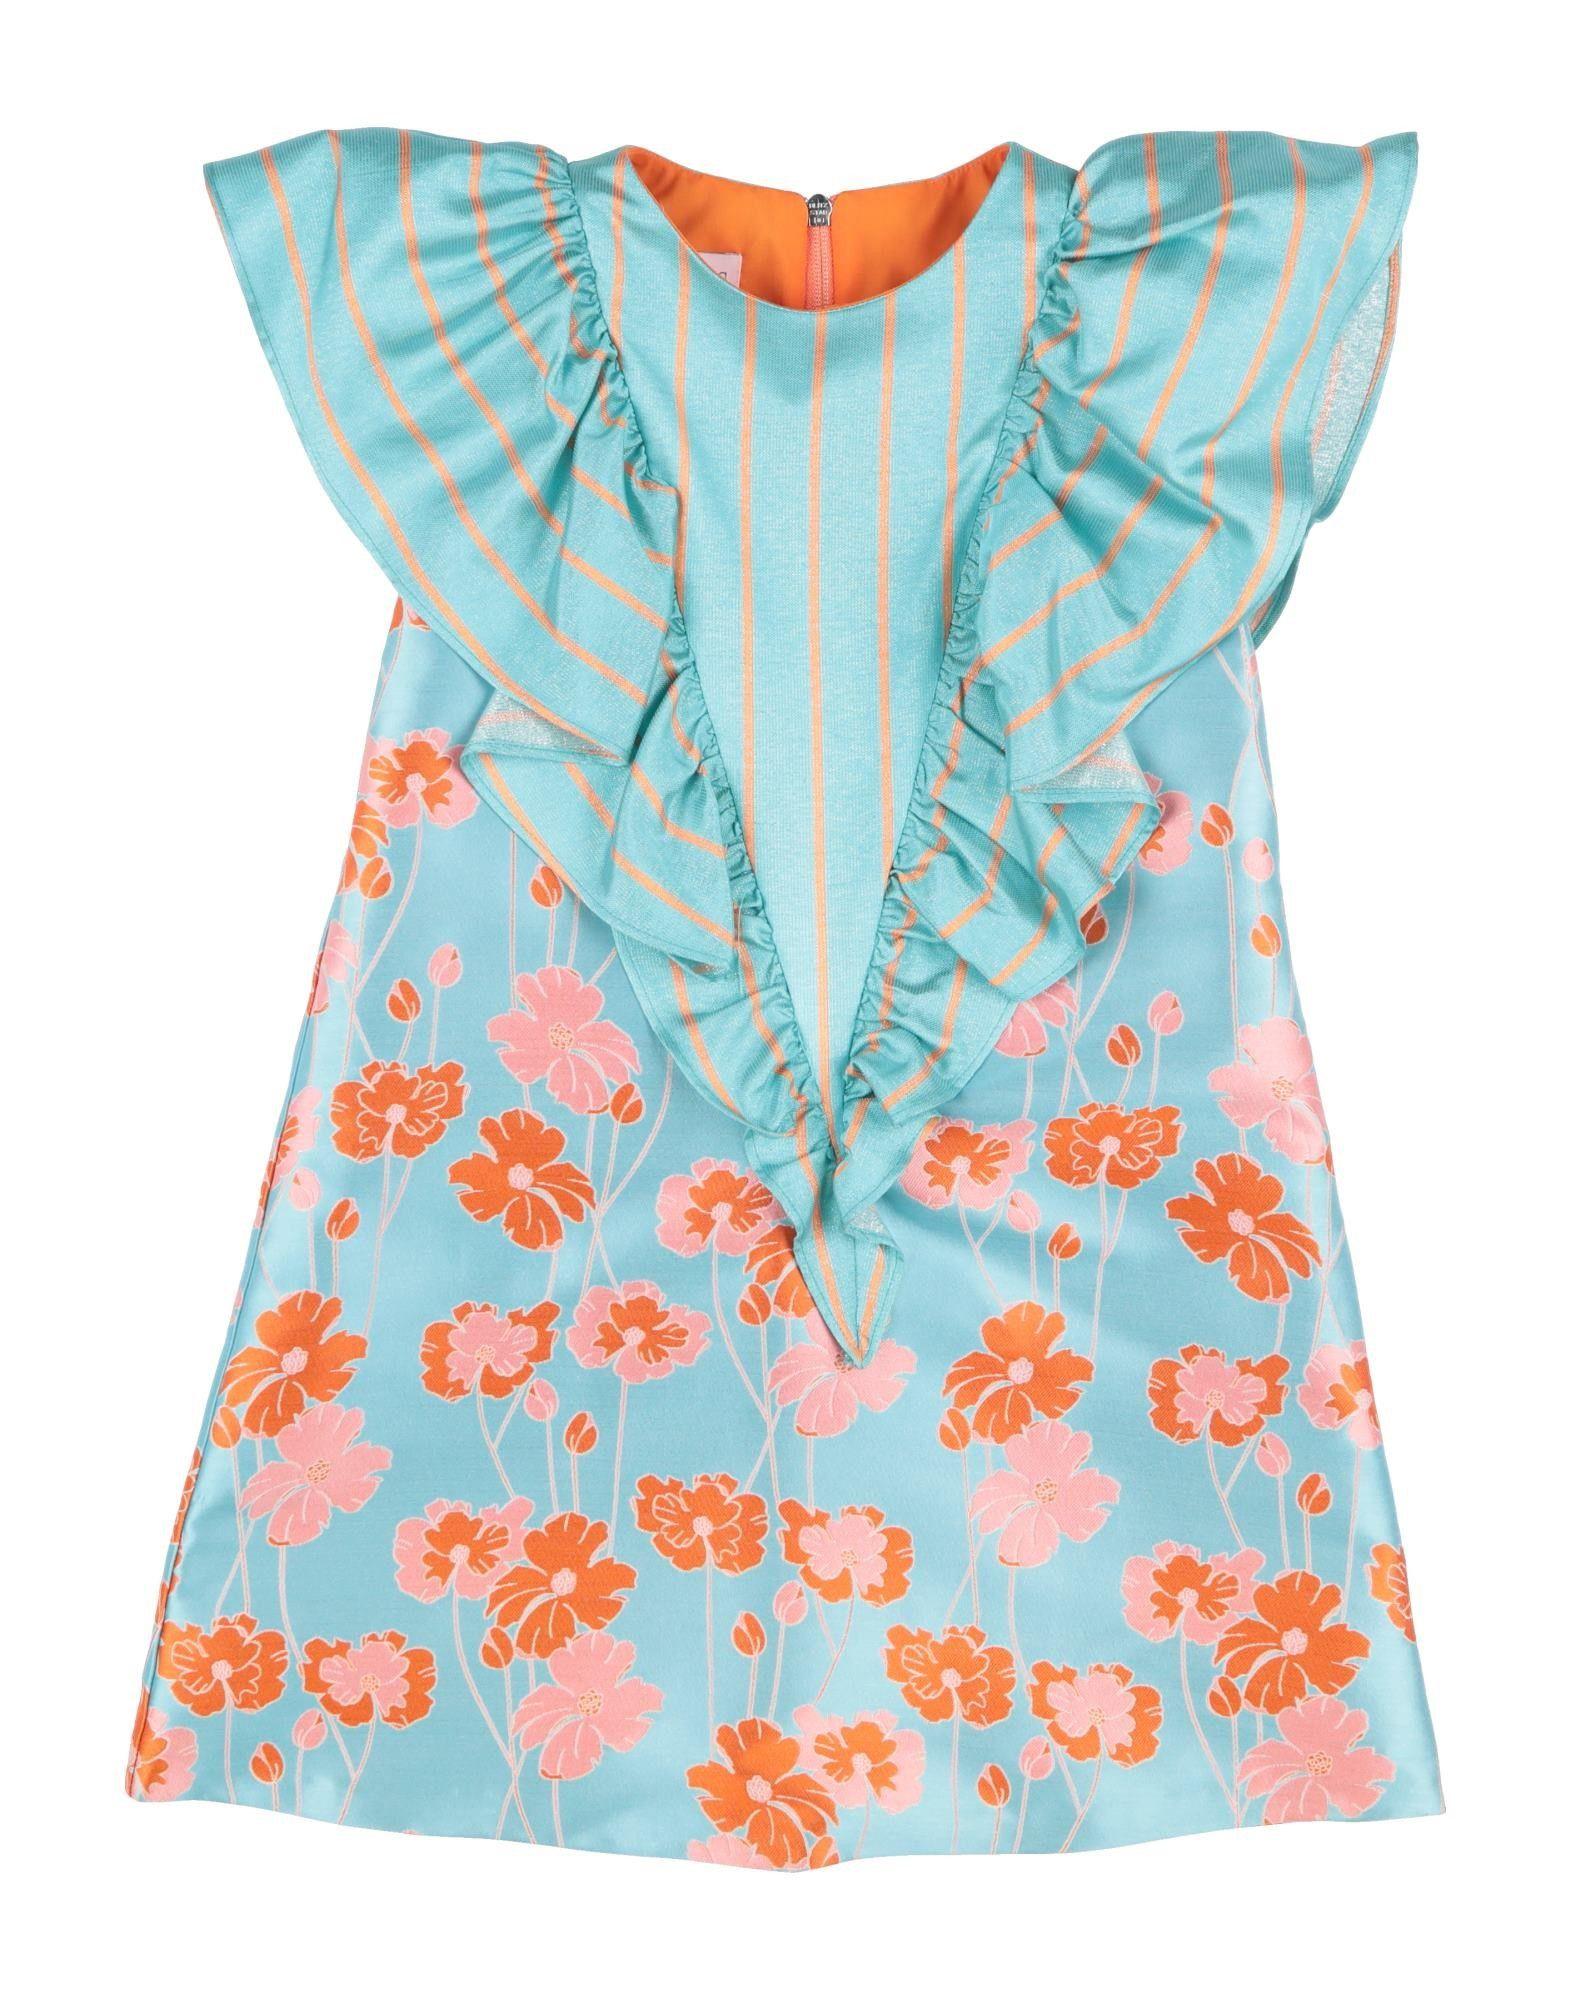 NUNZIA CORINNA Dresses - Item 15078817